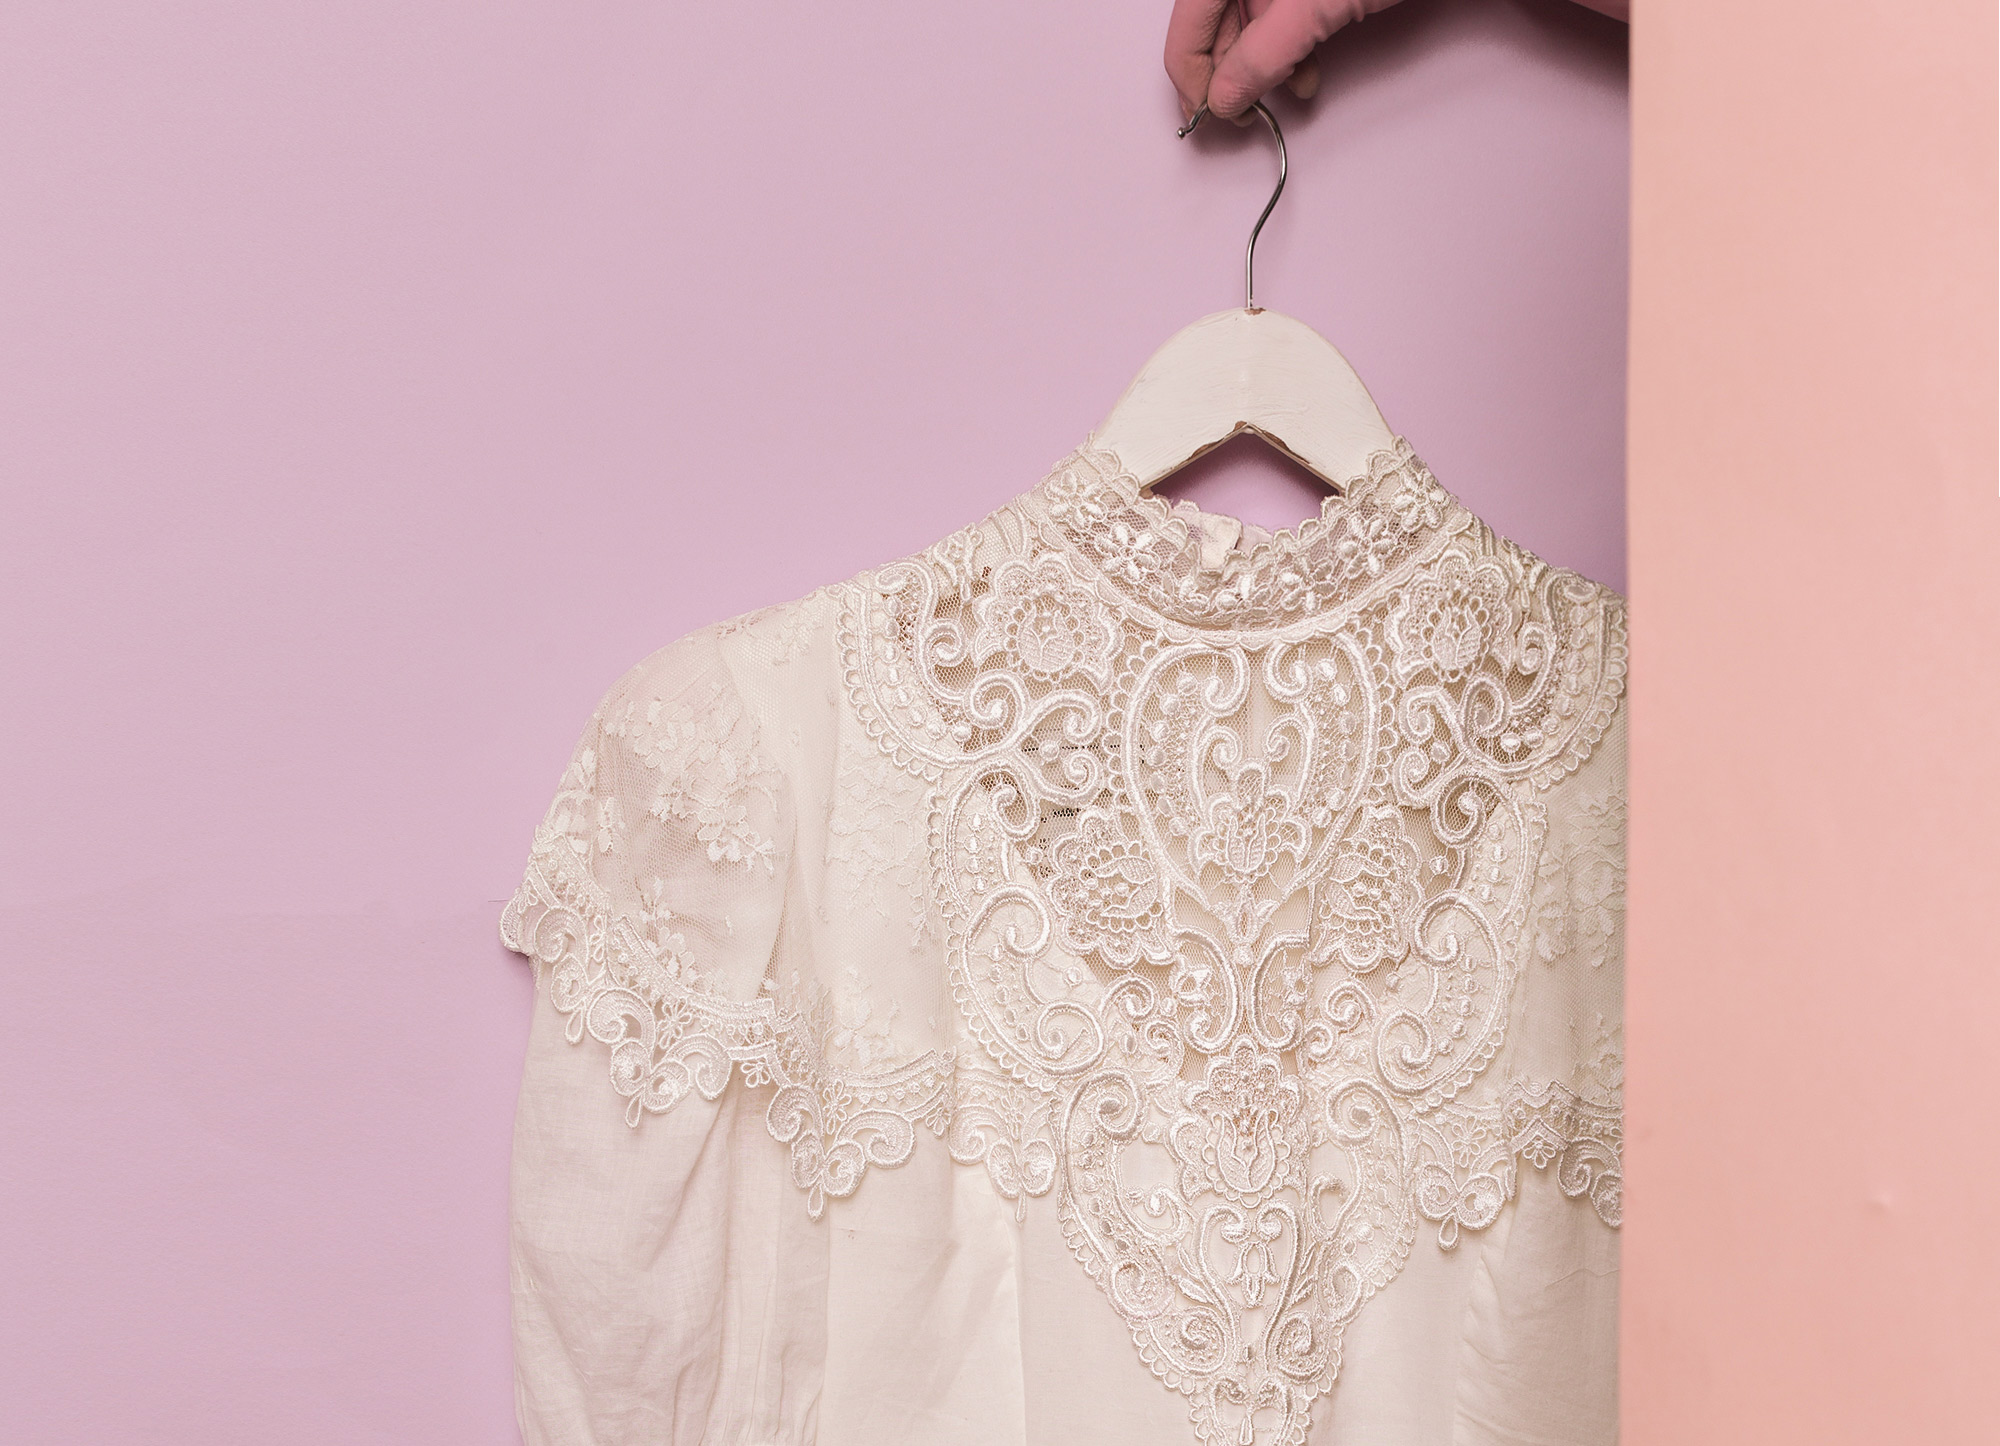 Bluzka koronkowa - ilustracja do artykułu do artykułu o bluzkach koronkowych dla starszych pań